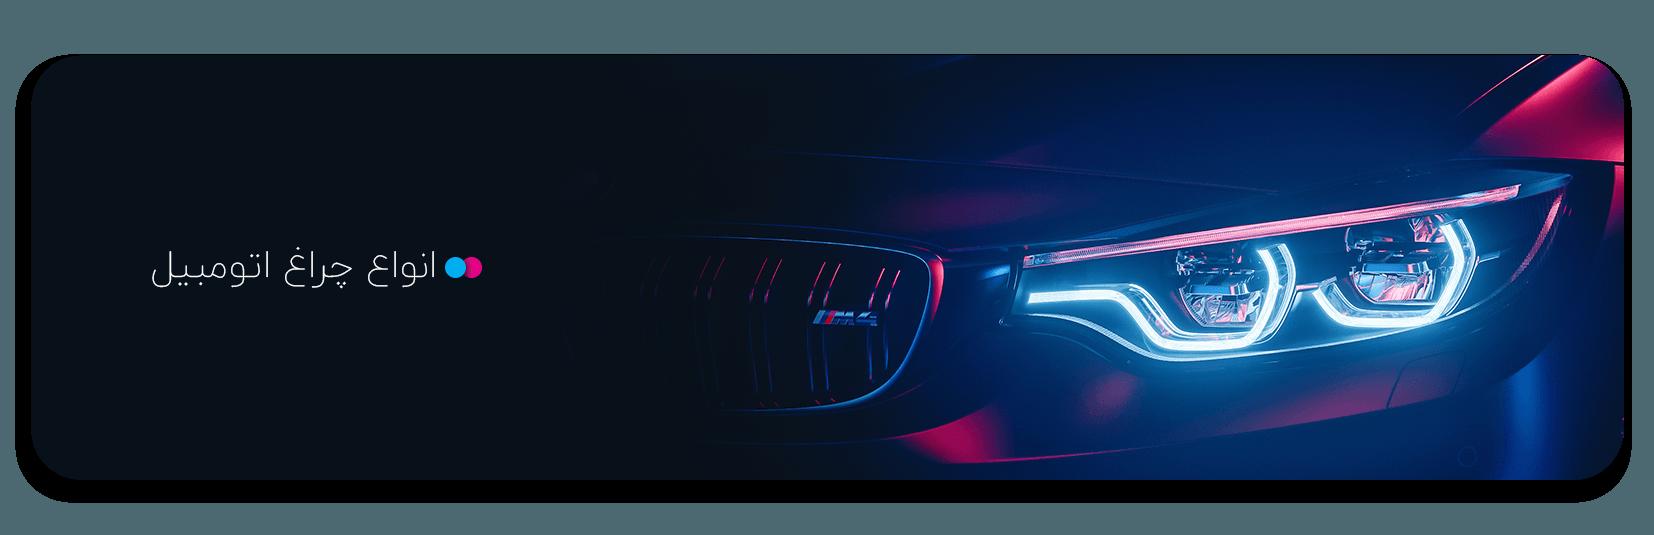 چراغ جلو خودرو